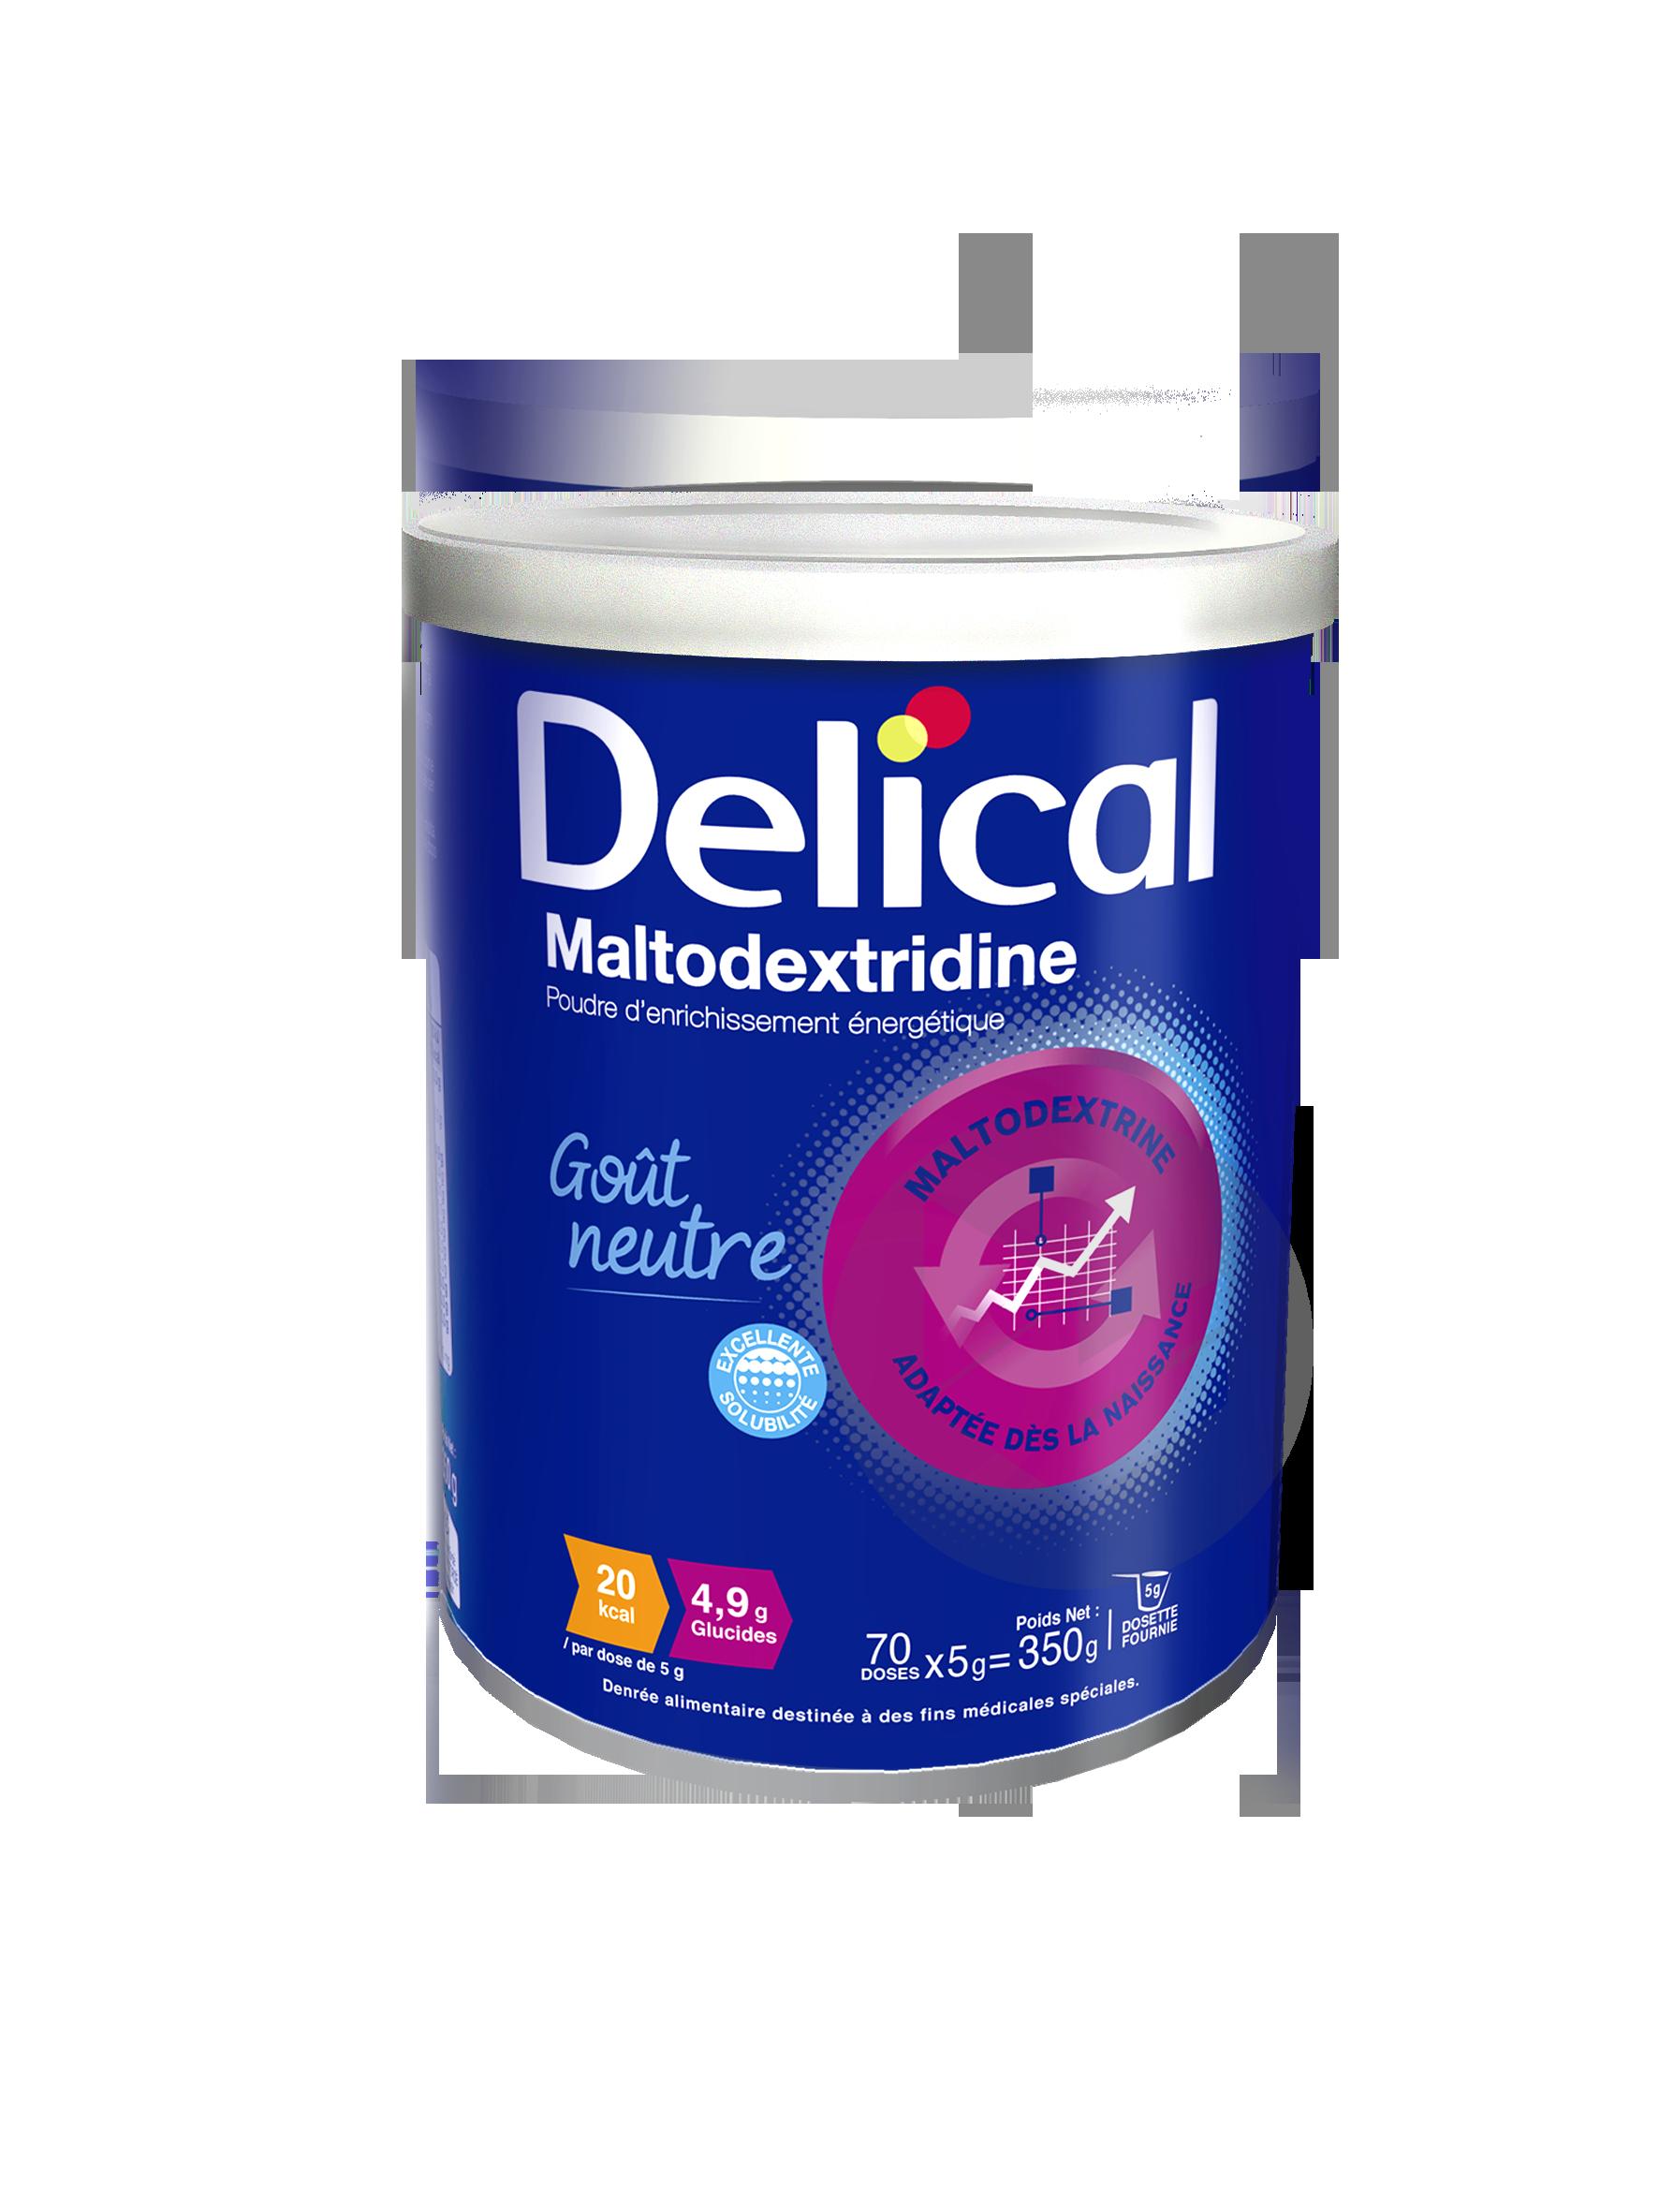 Delical Maltodextridine